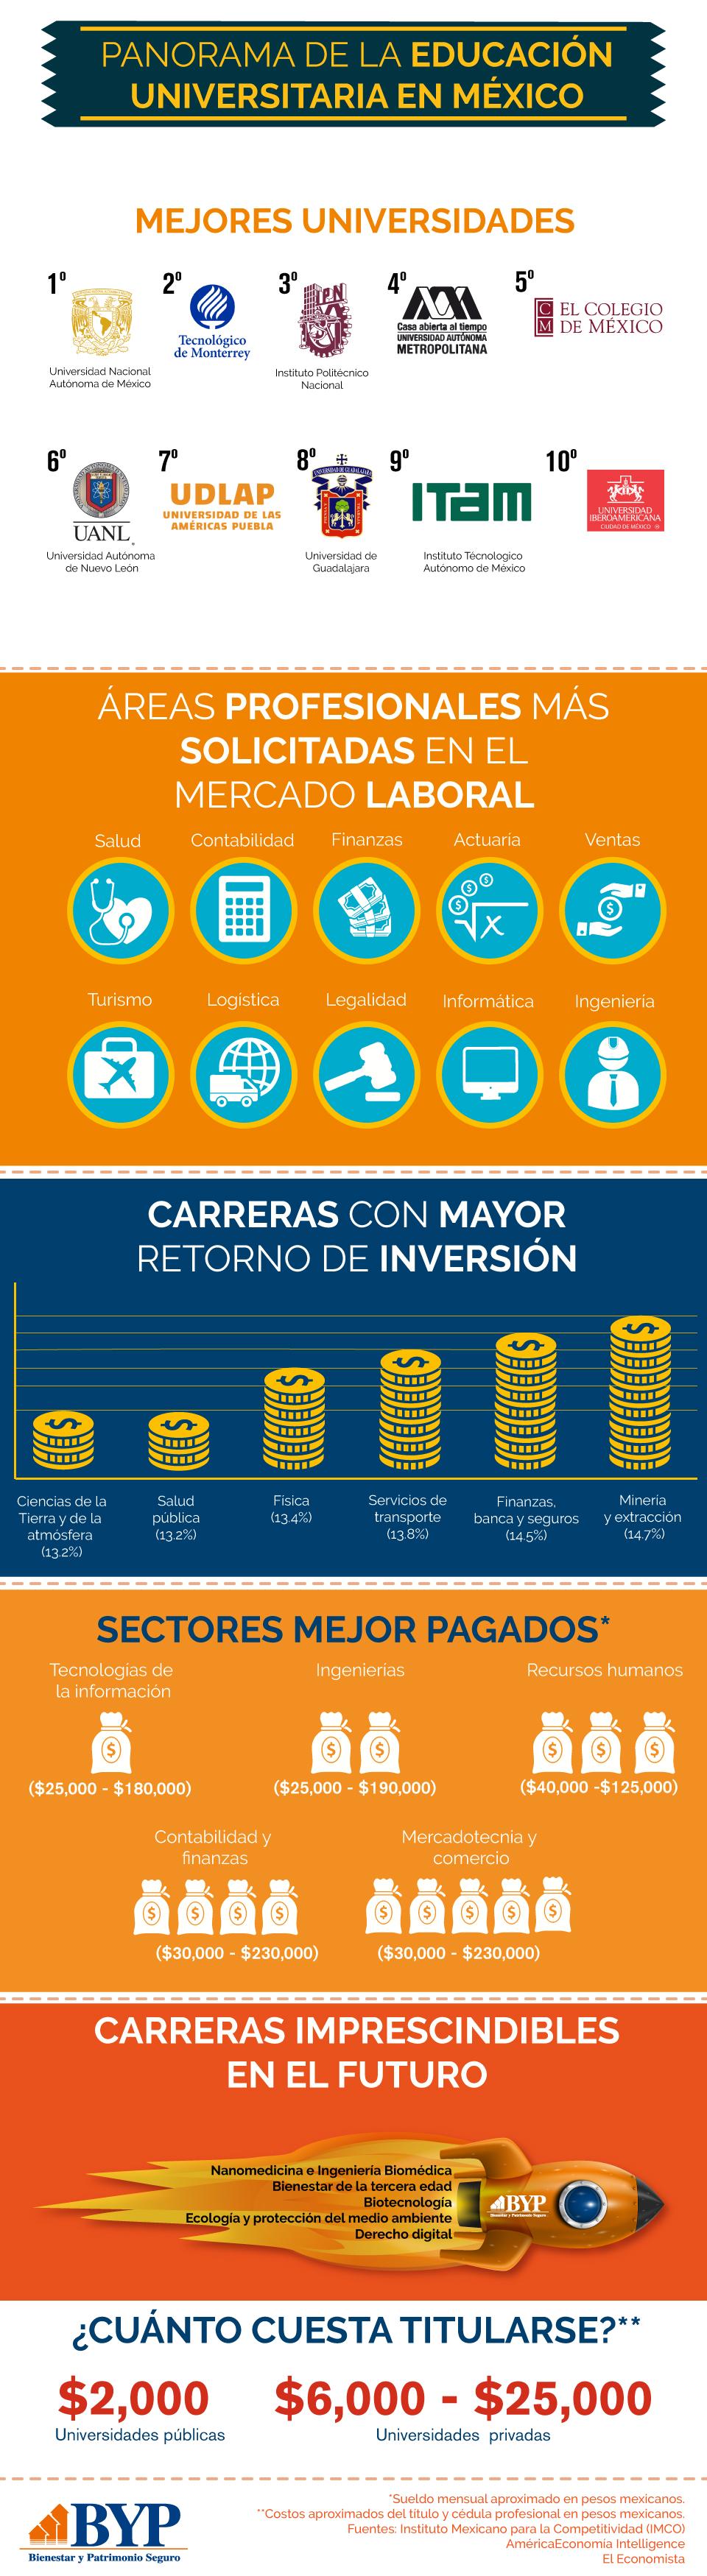 Educación universitaria en México (infografía)